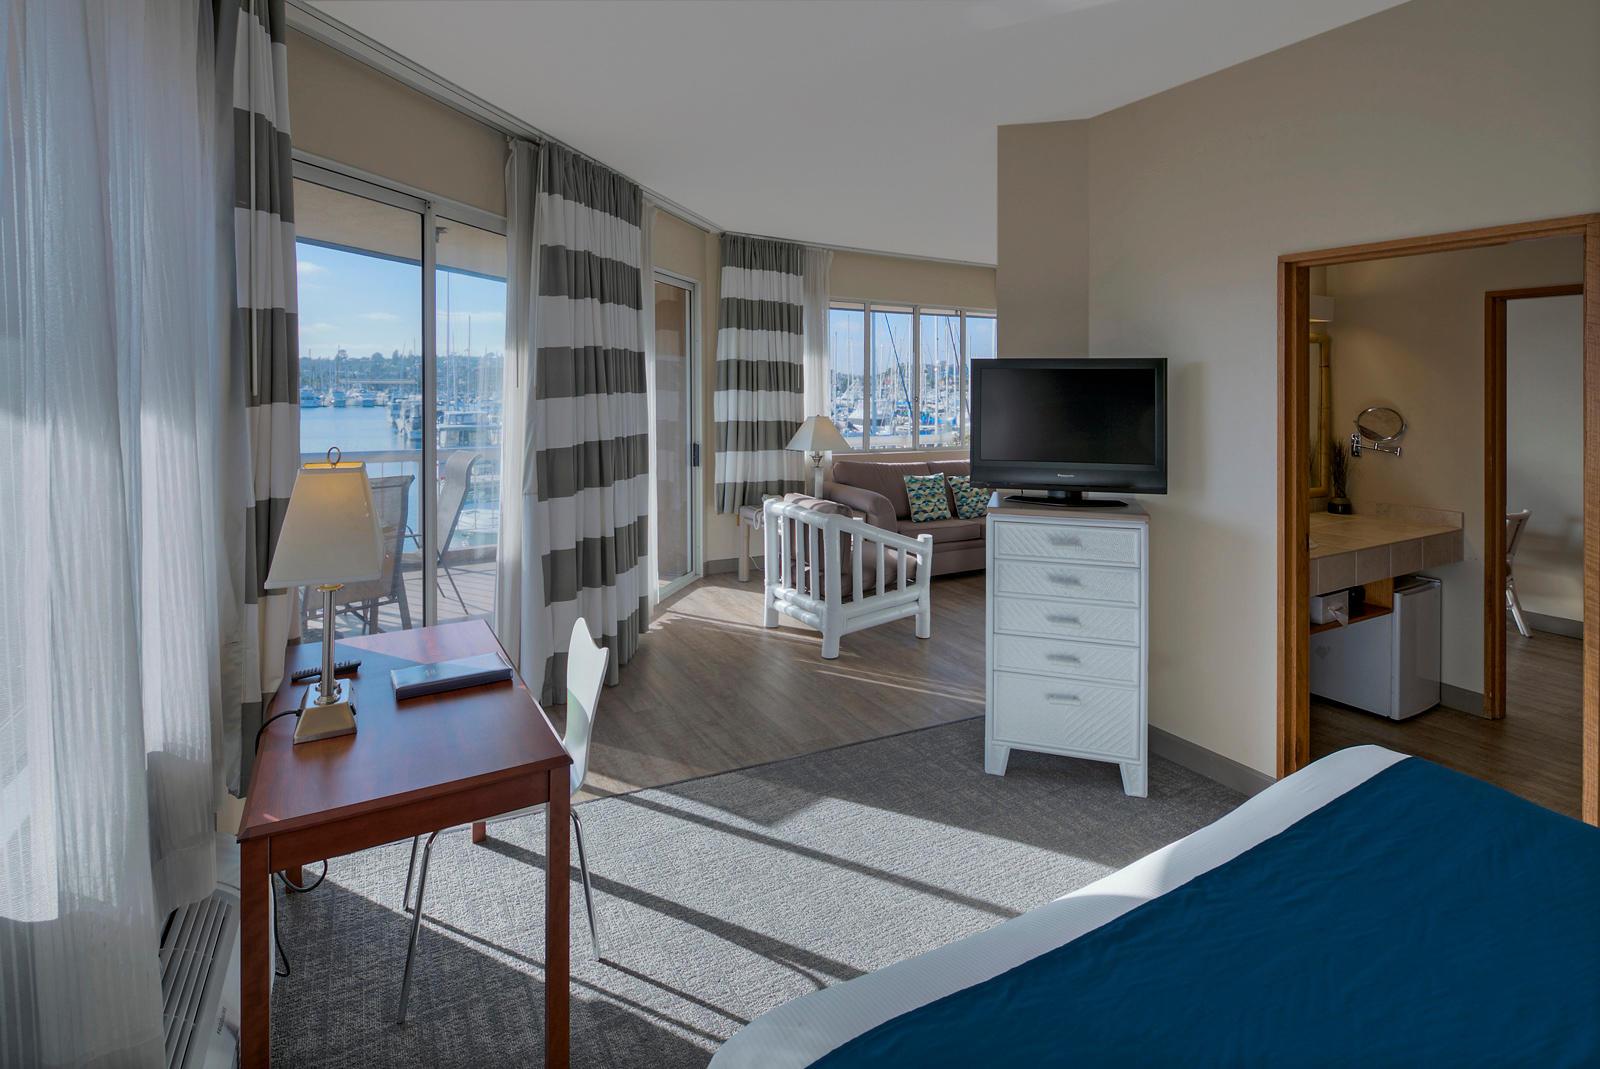 The Bay Club Hotel & Marina image 5